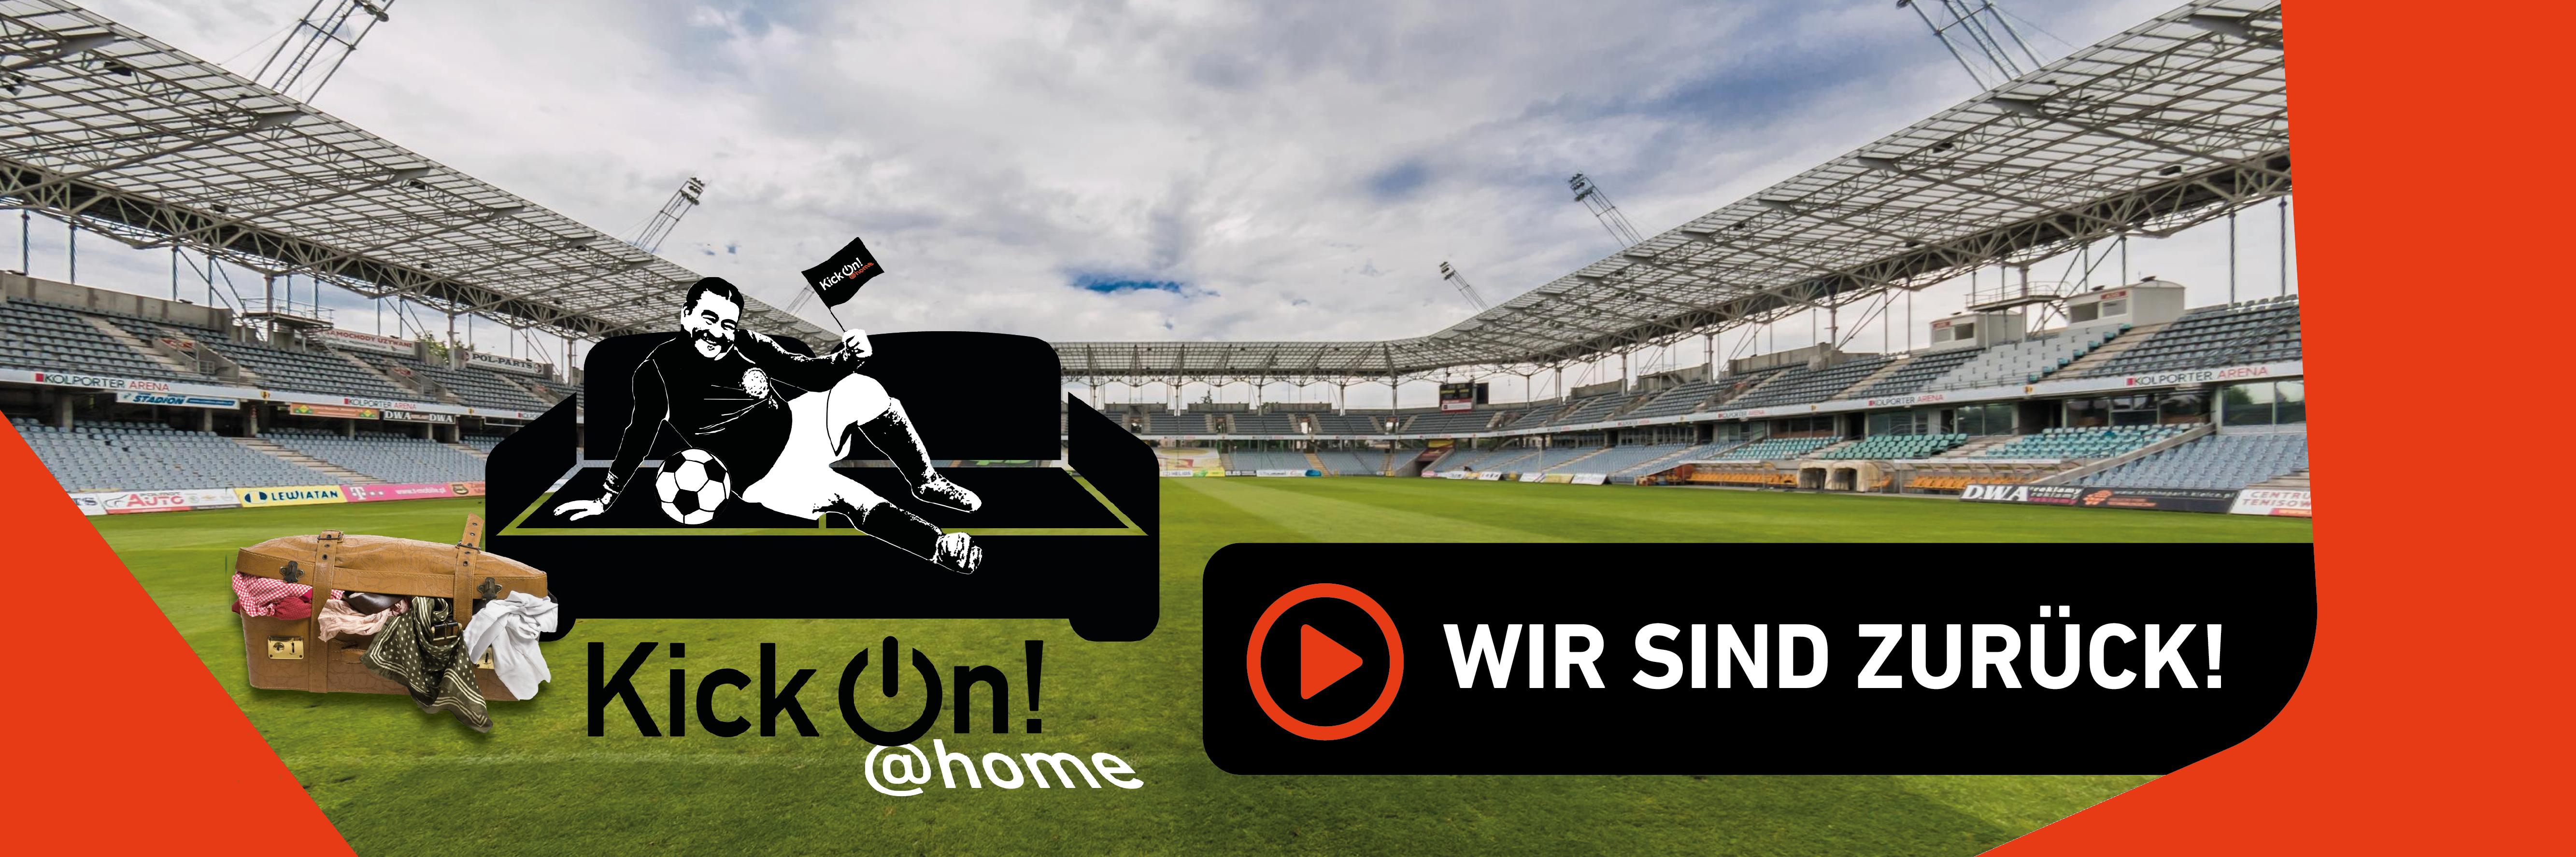 Fußballer auf Sofa mit Fahne und Fußball auf einem Spielfeld im leeren Stadion. Im unteren Bereich des Bildes steht: KickOn @Home – wir sind zurück.